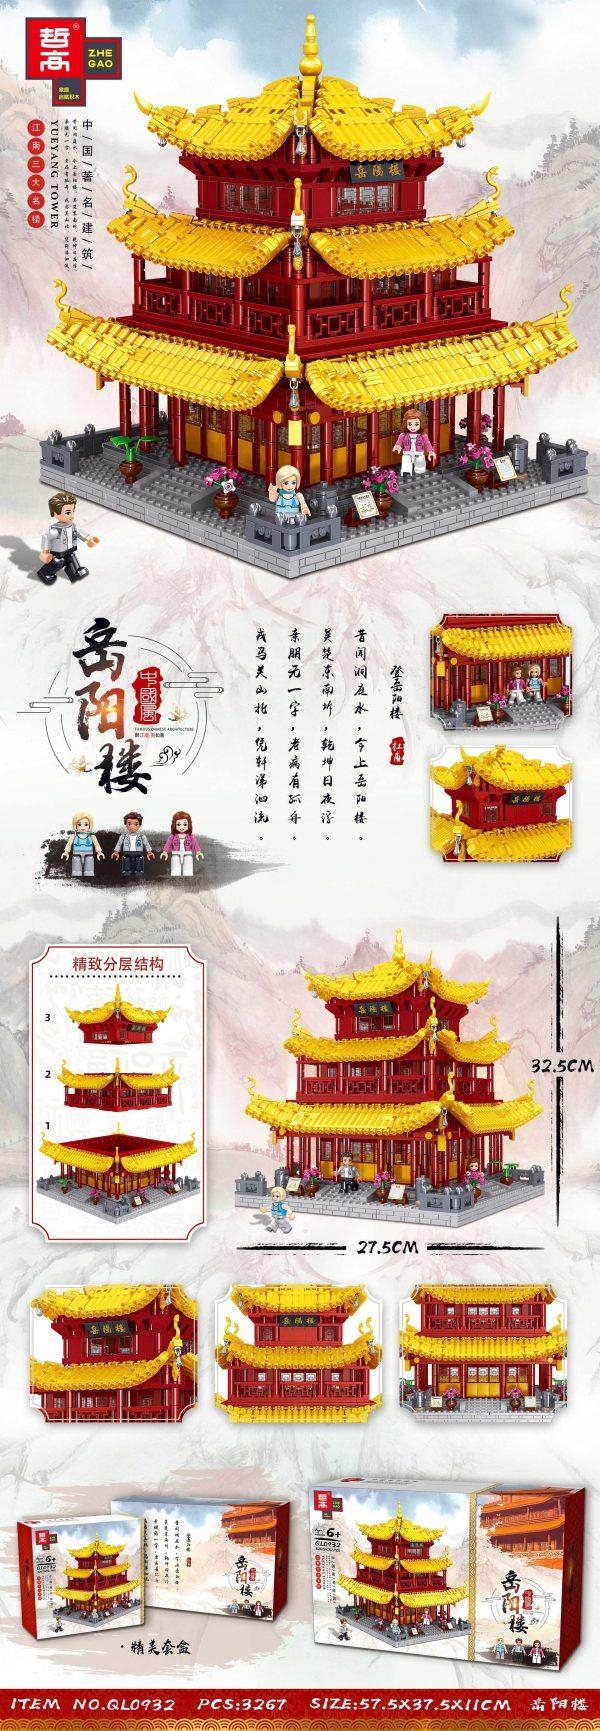 ZHEGAO QL0932 Famous Buildings in China: Yueyang Yueyang Building, Hunan 0